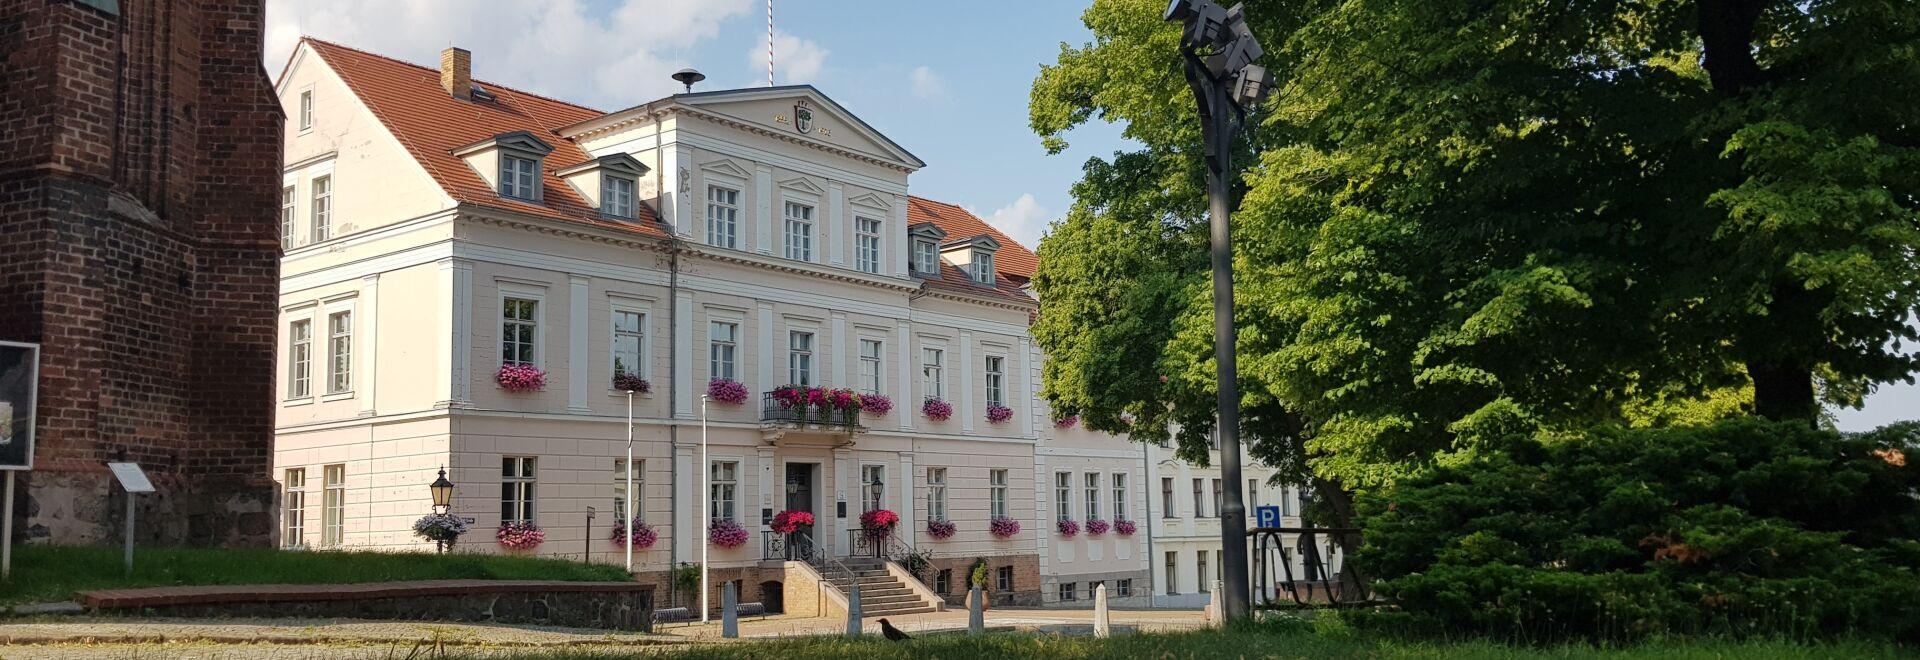 Rathaus der Stadt Bad Freienwalde